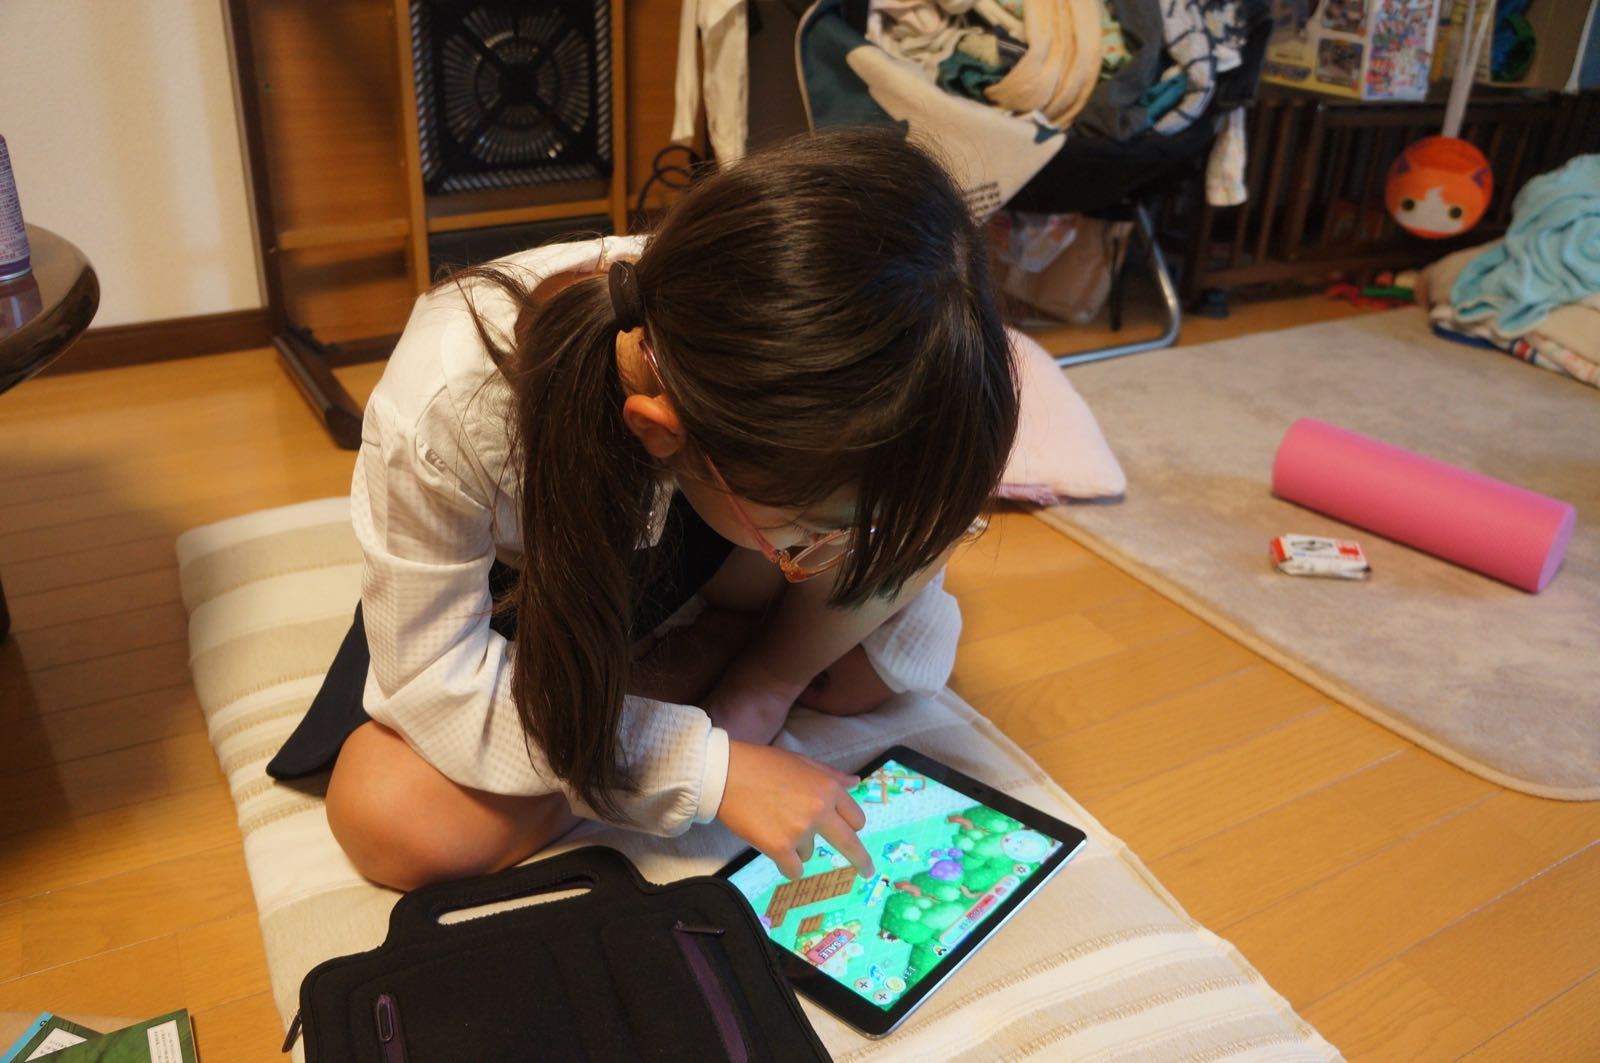 街で見かけた女子小学生  Part.24 YouTube動画>10本 ->画像>271枚